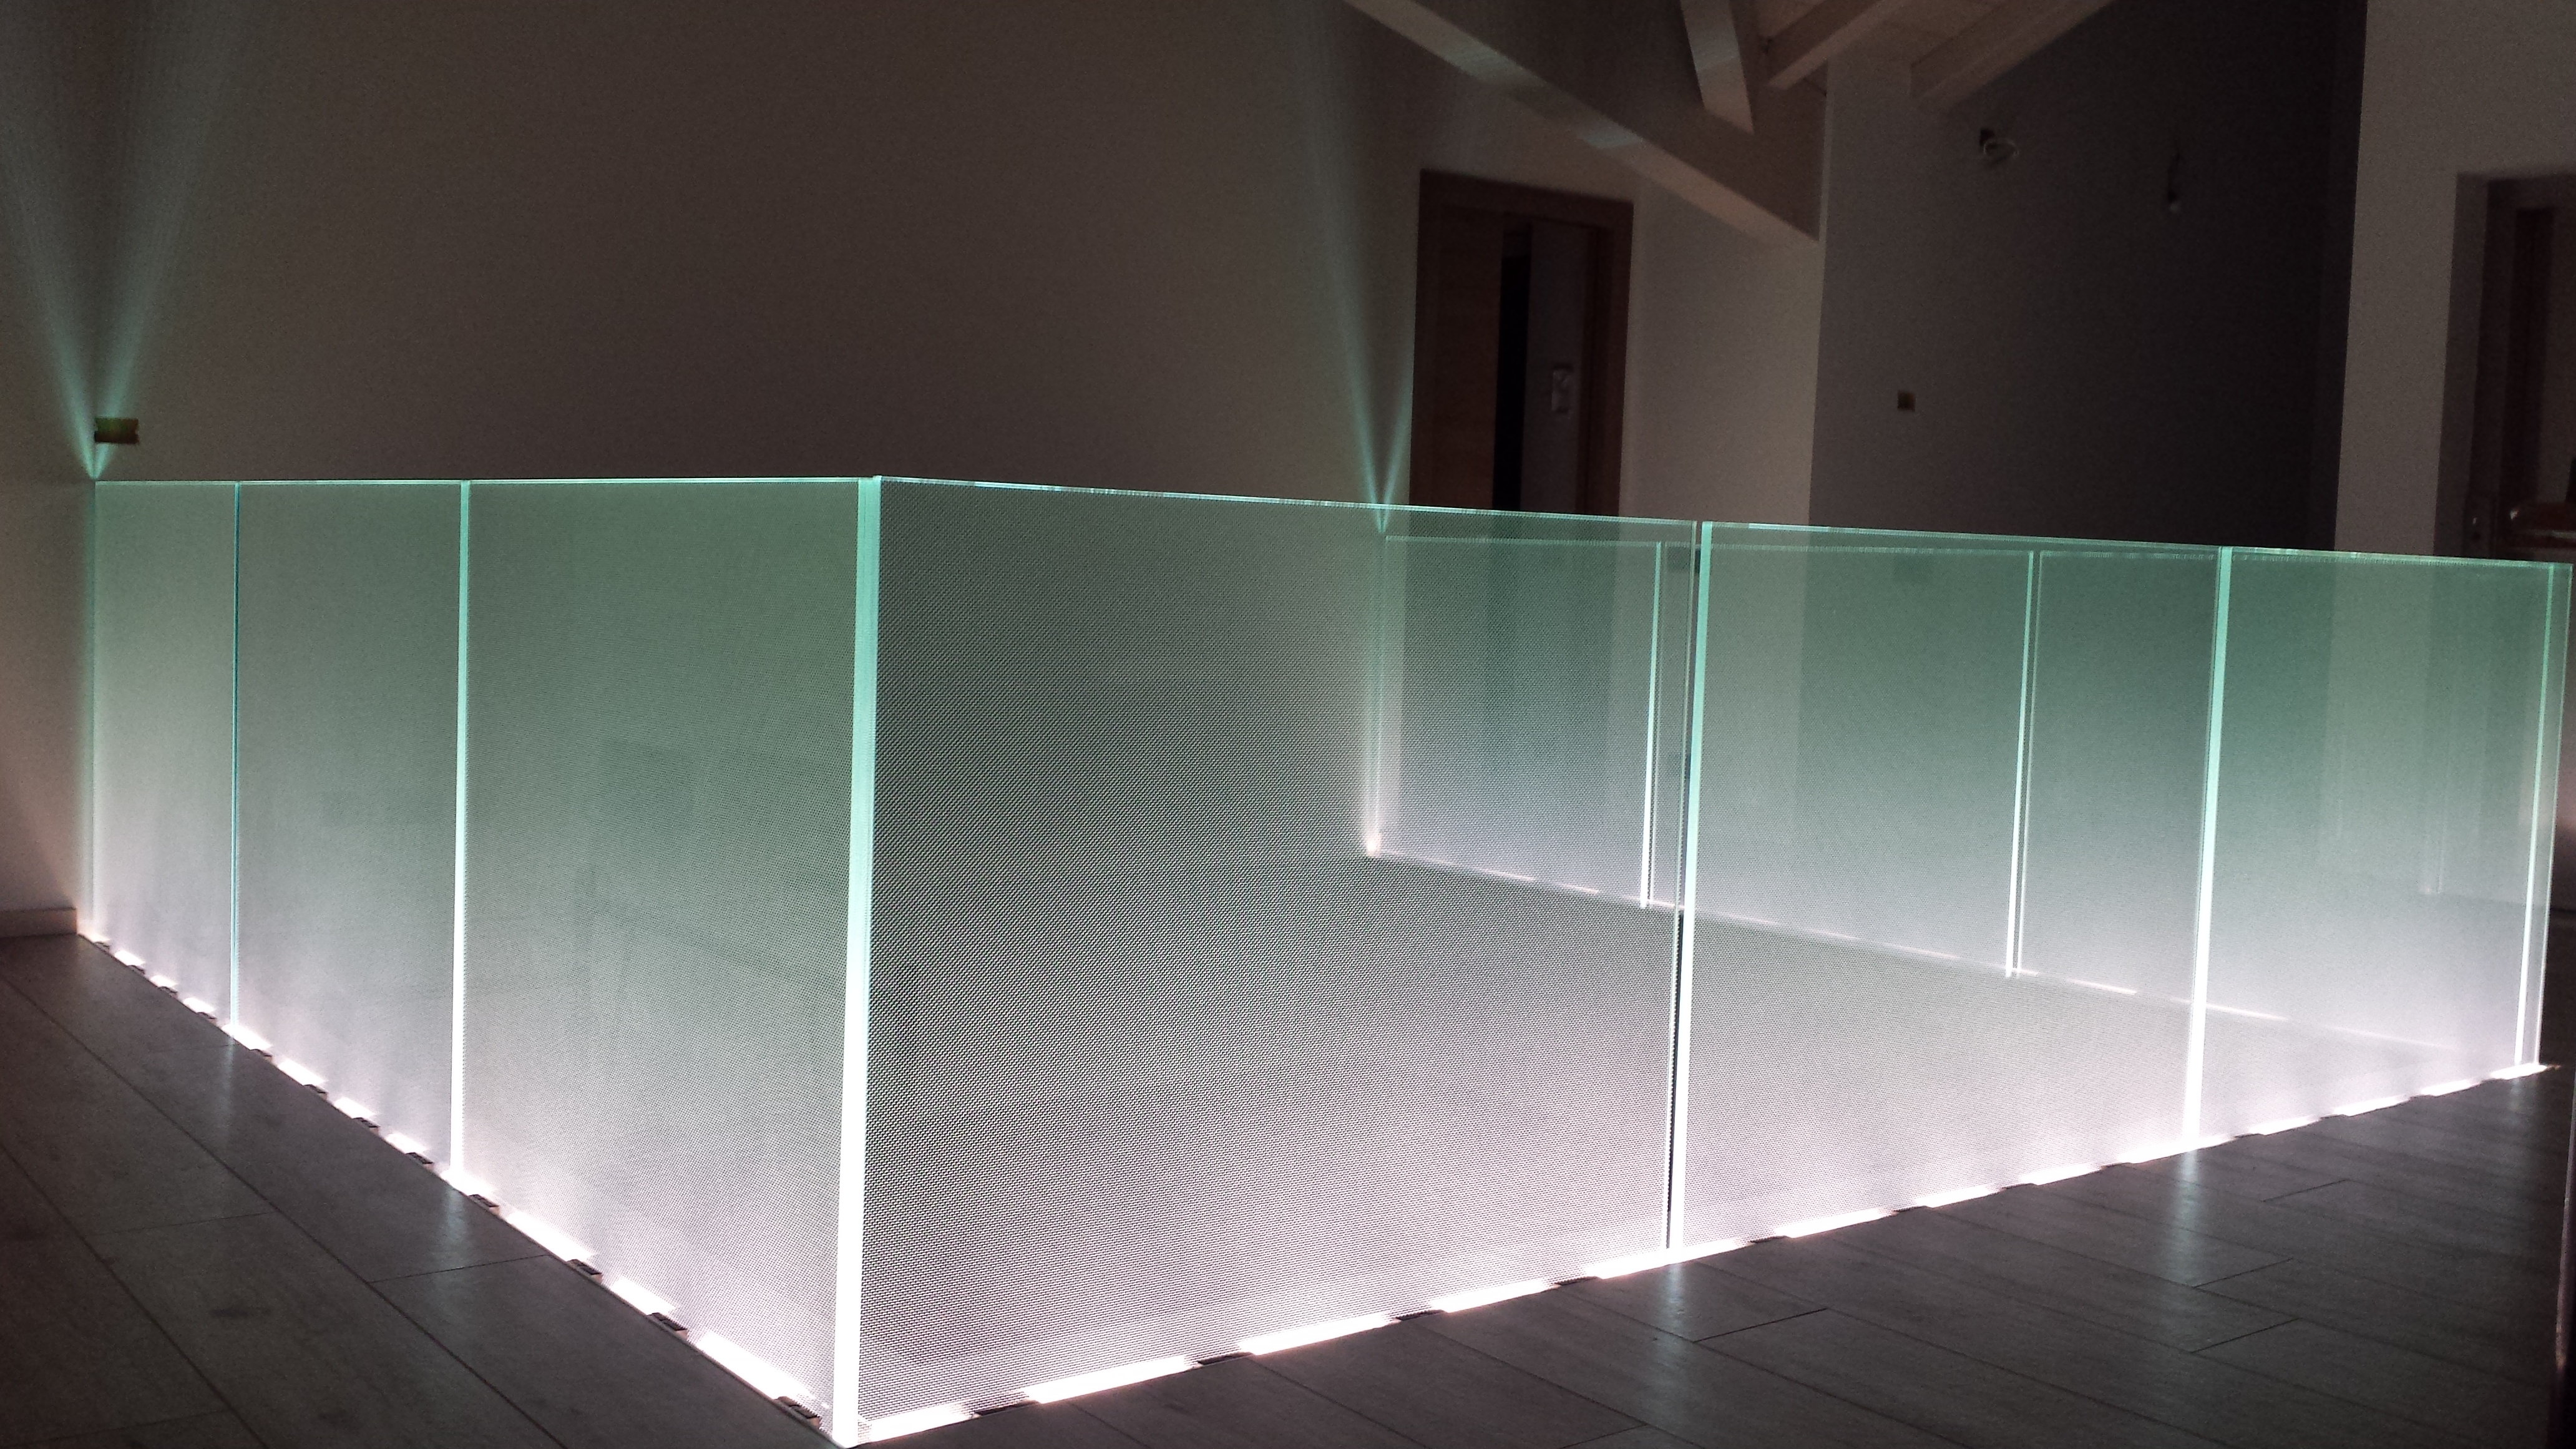 Parapetti in acciaio inossidabile nuova ocim nuova ocim srl - Parapetti scale in vetro ...